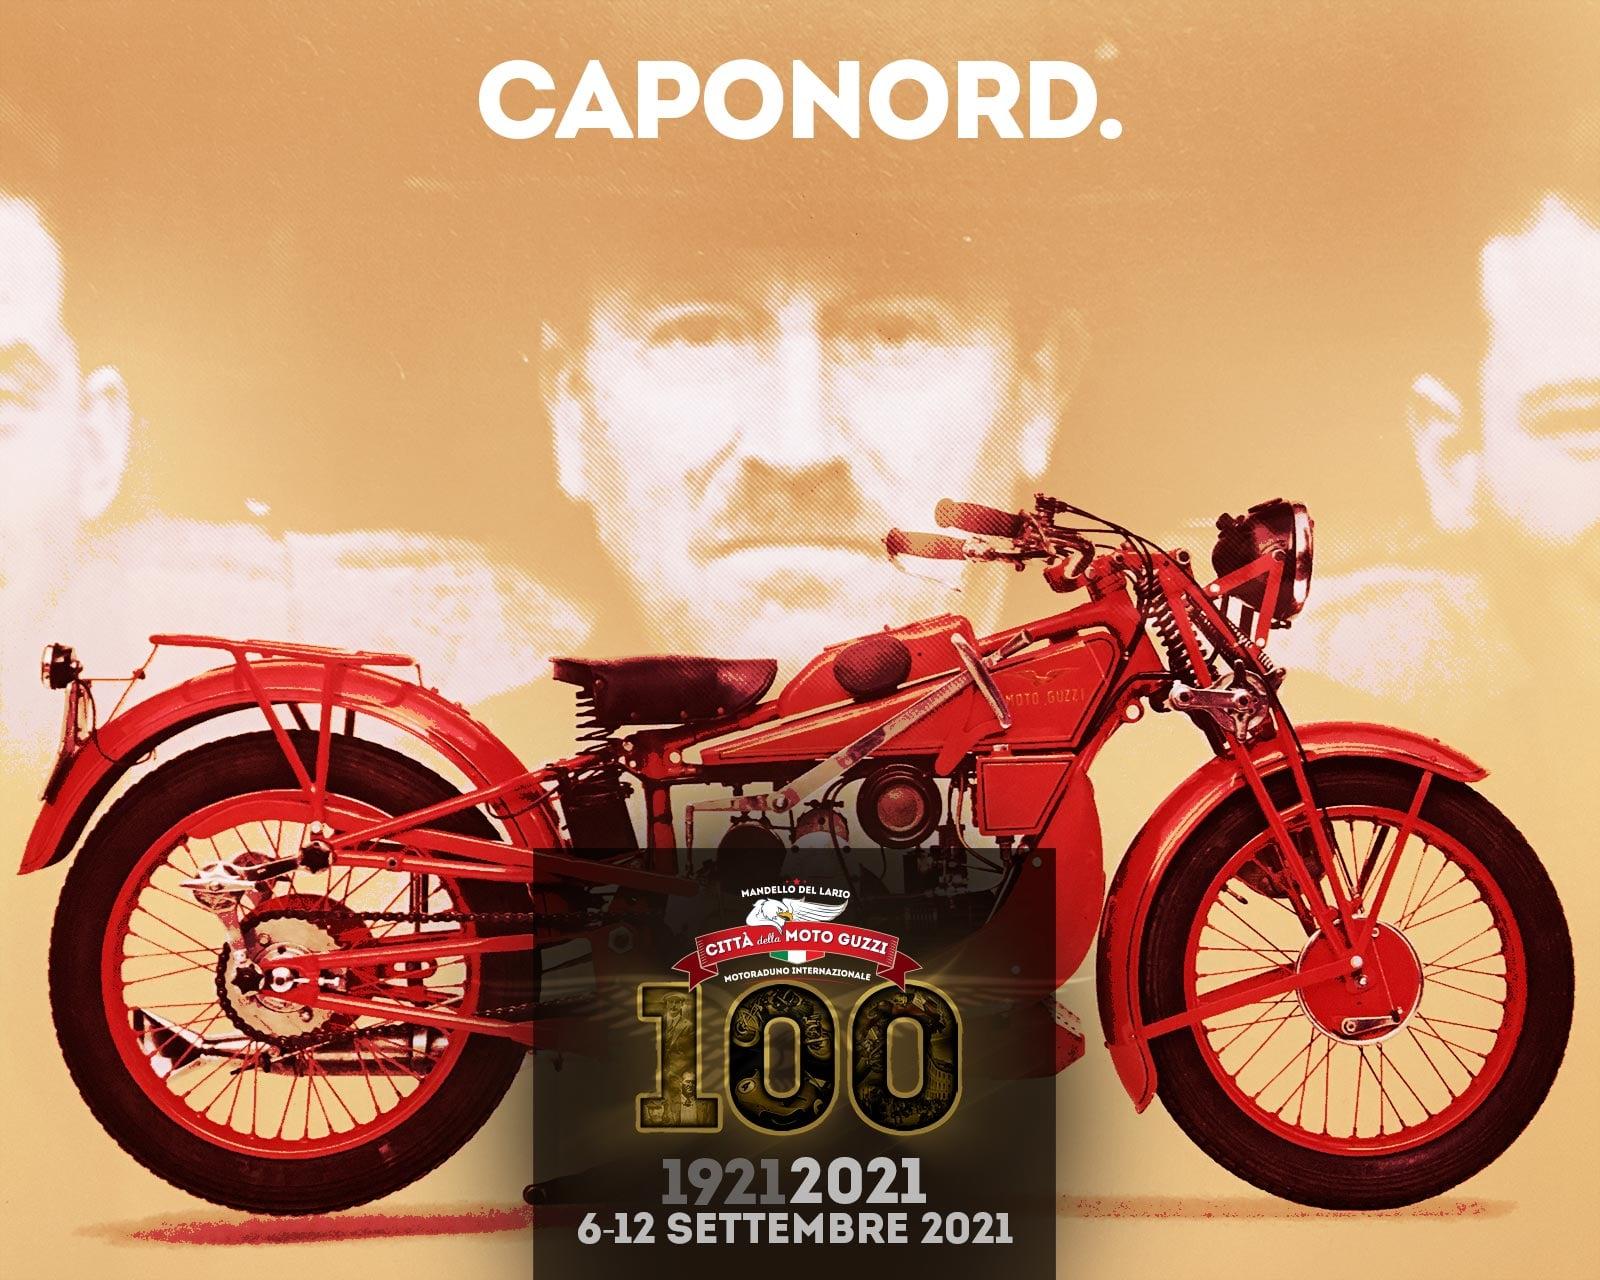 Moto Guzzi Norge Caponord